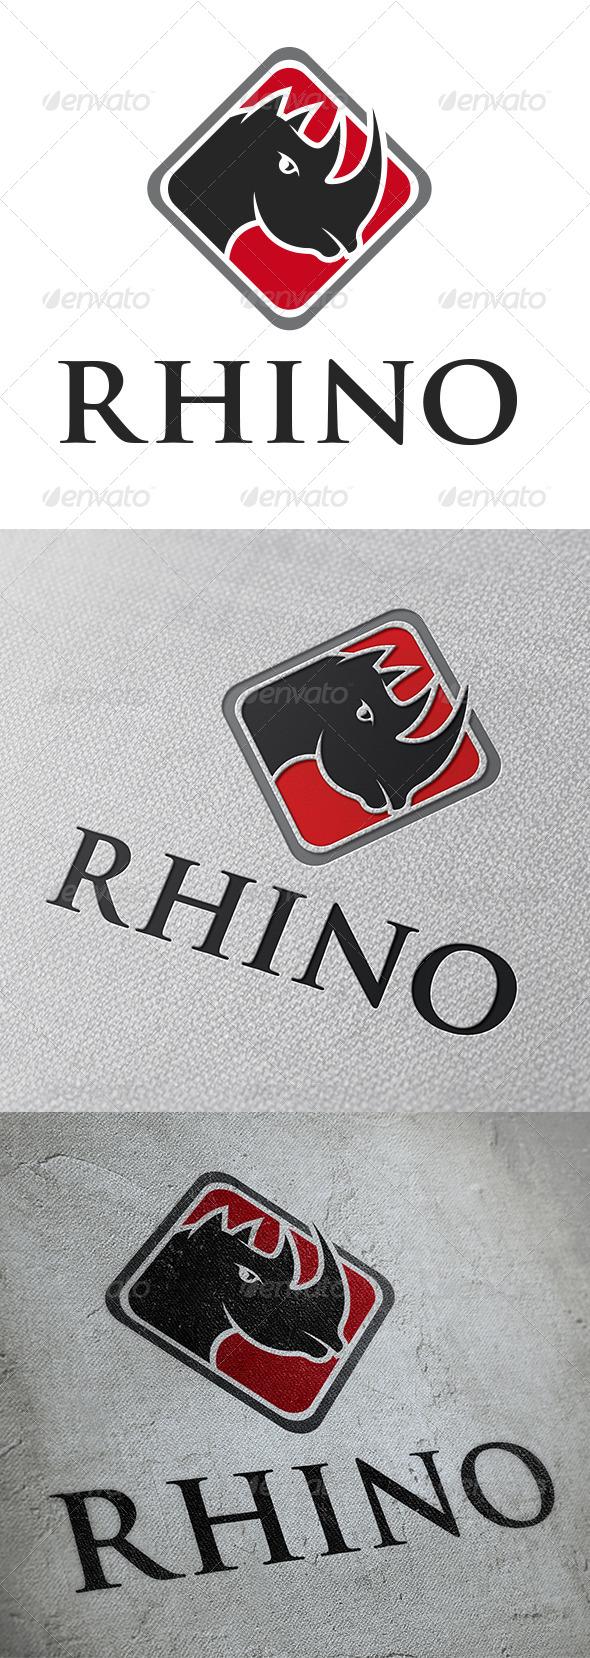 GraphicRiver Rhino Logo Template 5348213